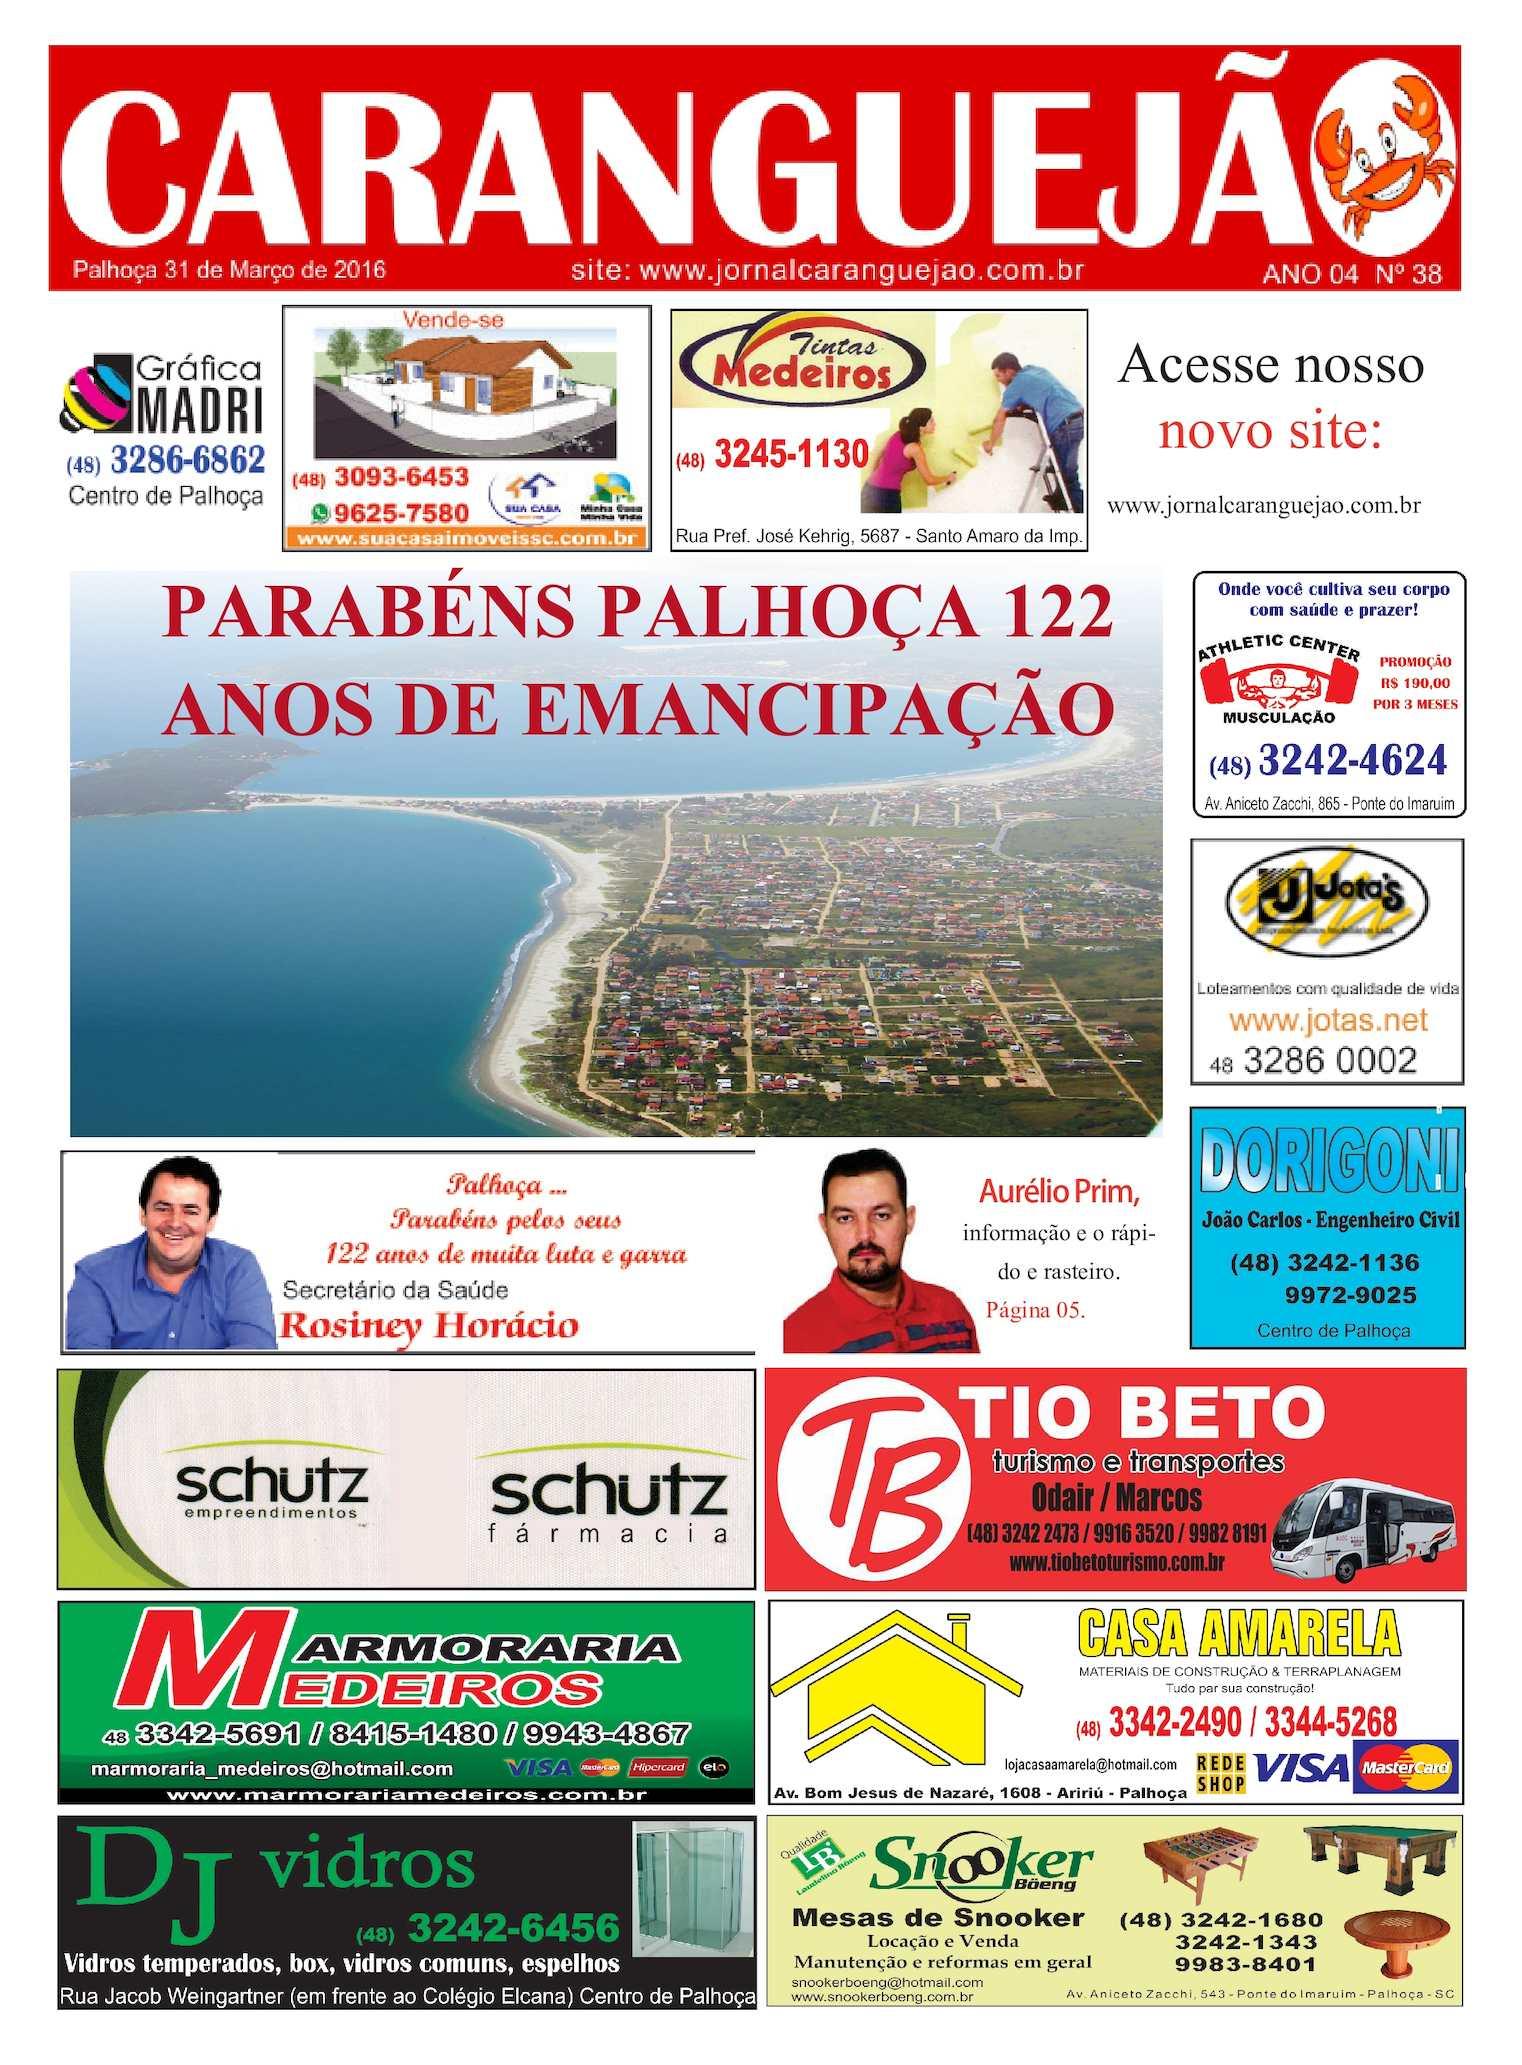 Calaméo - EDIÇÃO N° 38 JORNAL CARANGUEJÃO 7443c8e53d88d